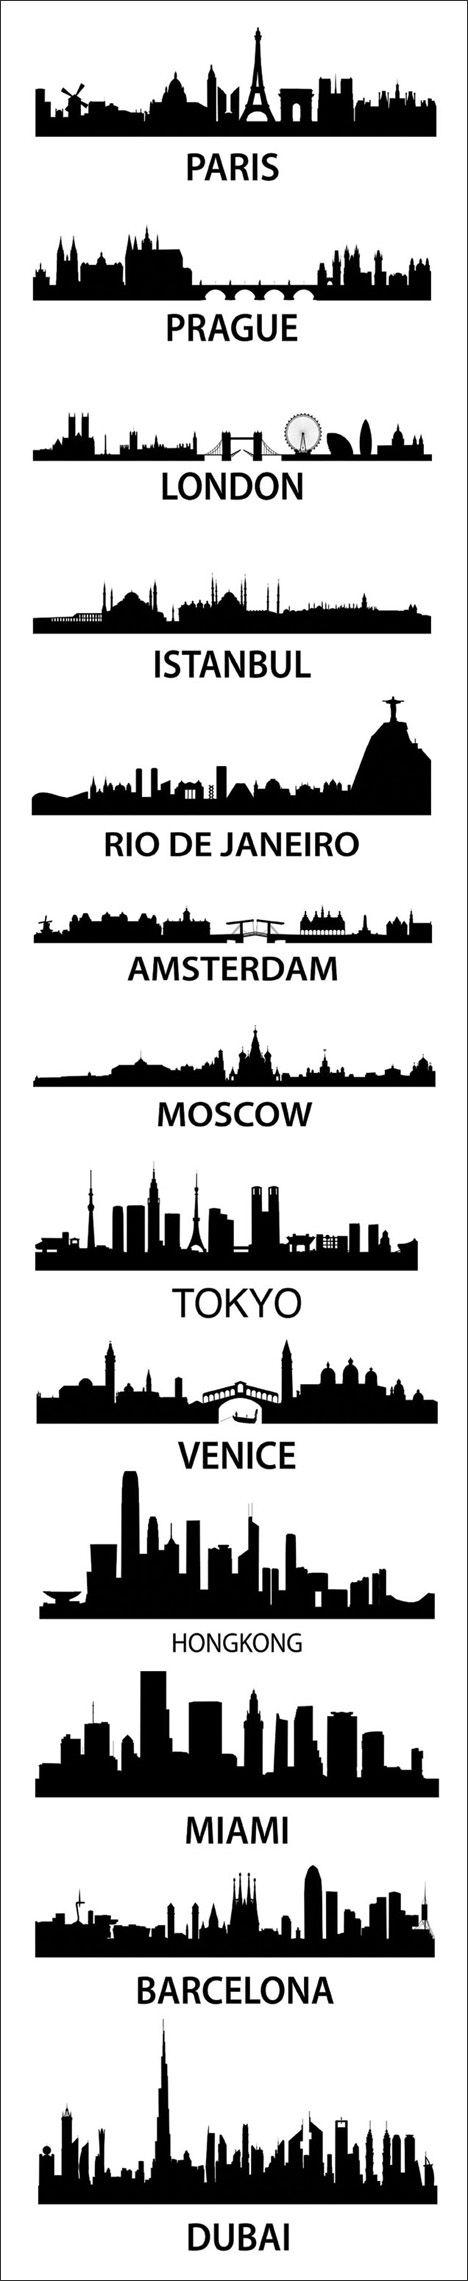 Terminar de conocer estas ciudades.